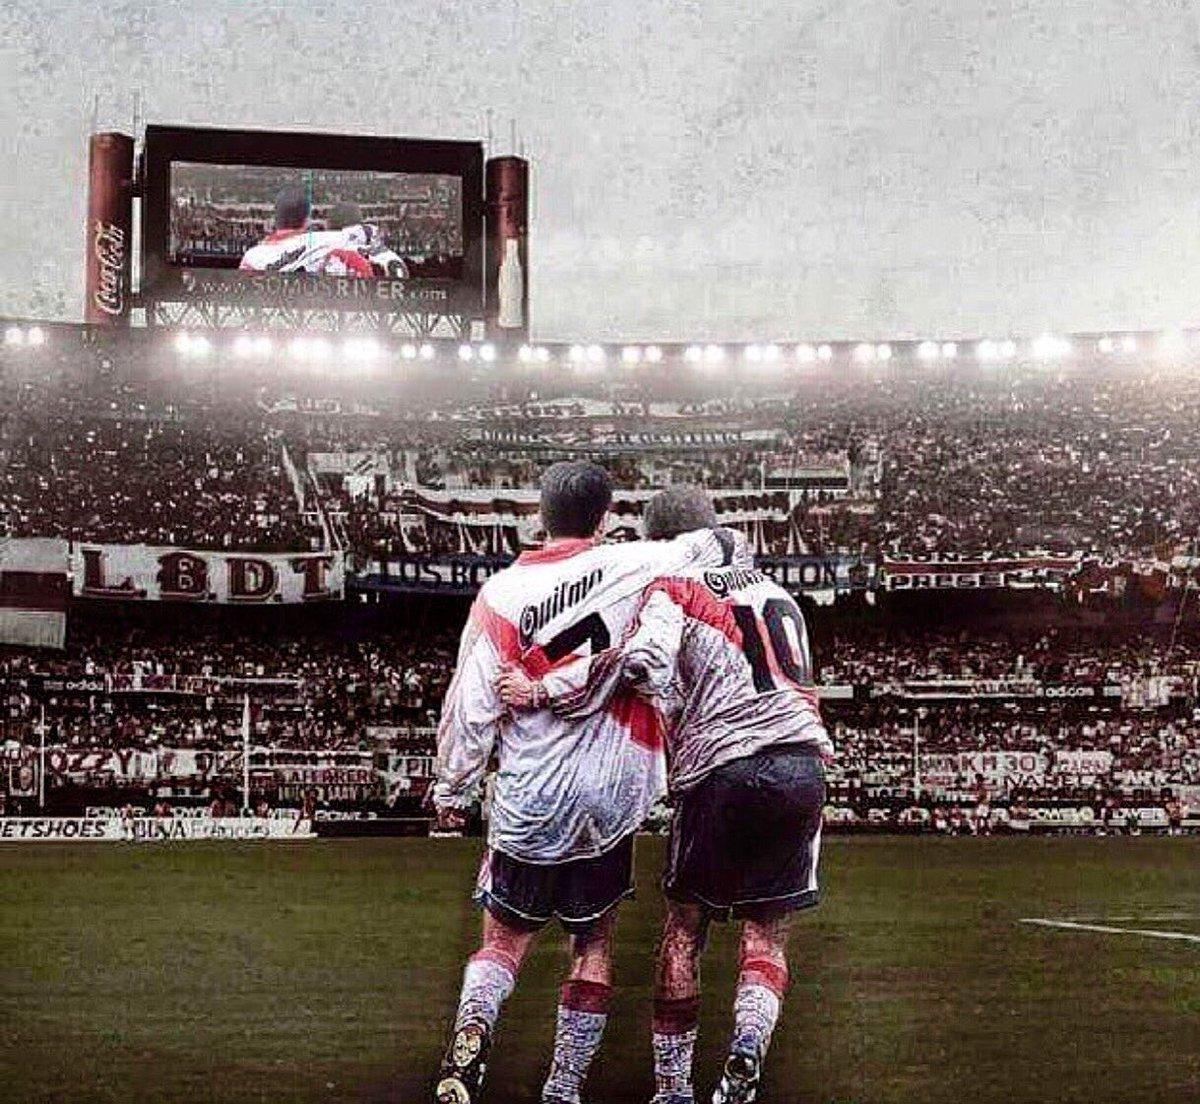 El futbol me dio mucho, pero nada se compara a esa sensacion gratificante de levantar la cabeza y verte a mi lado.